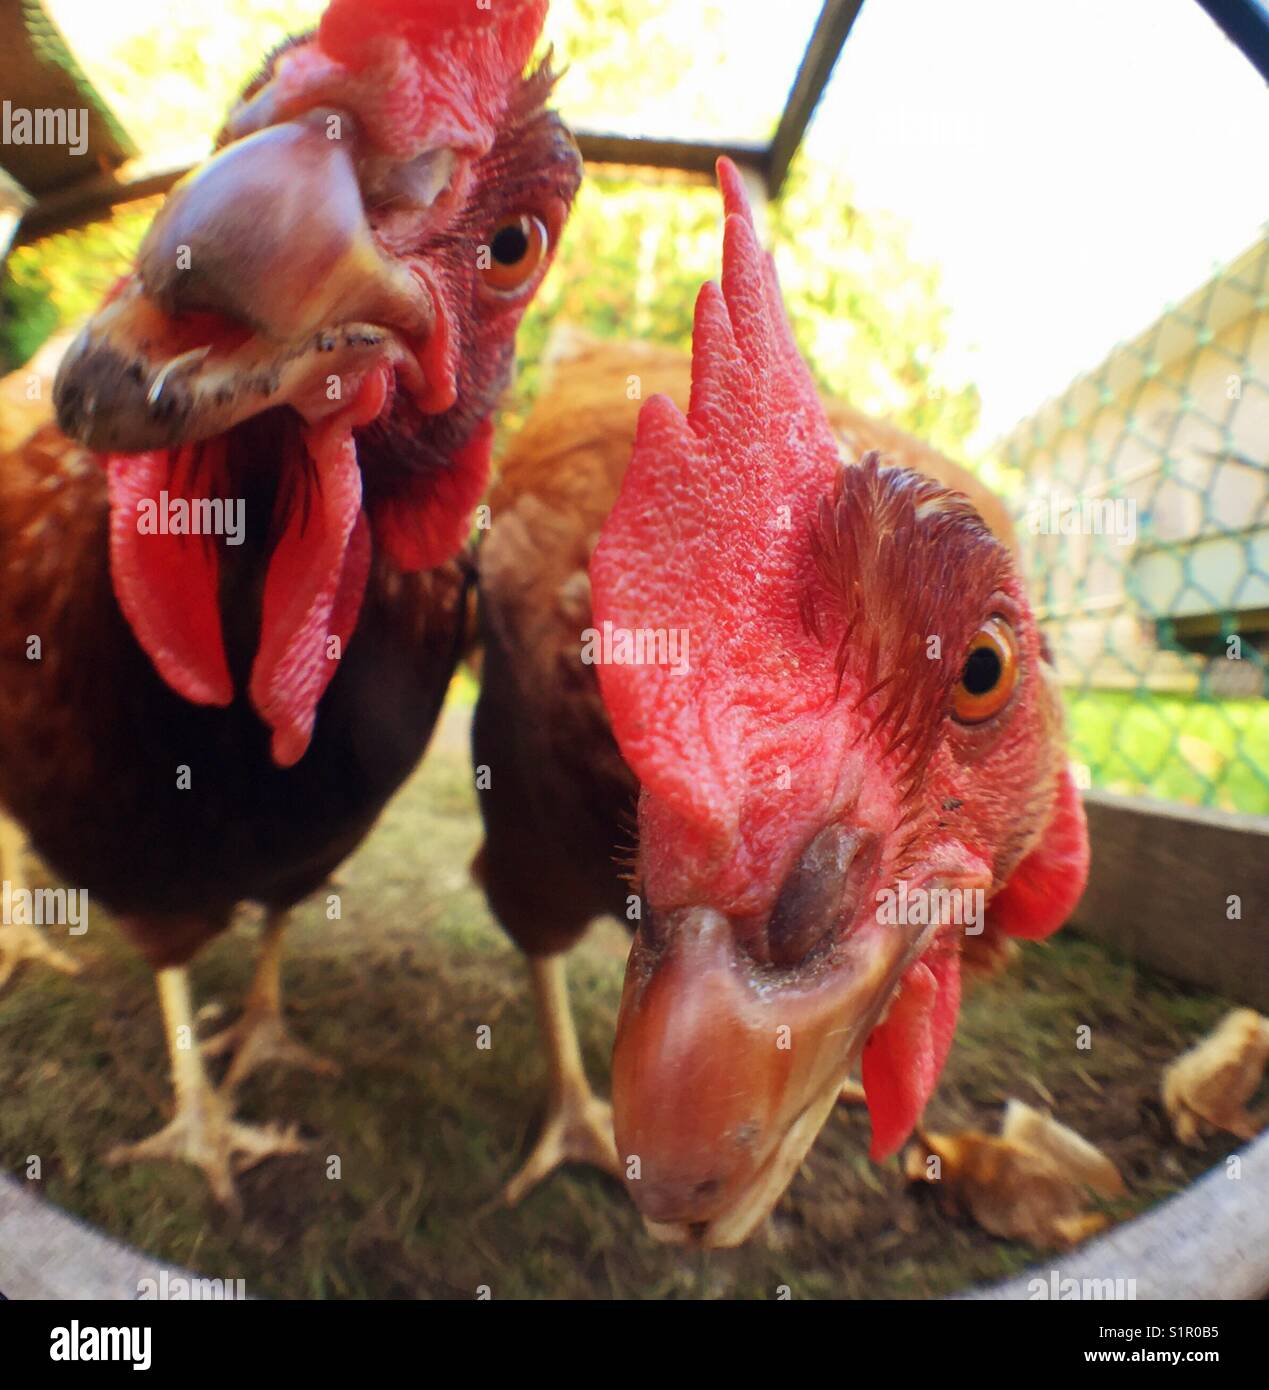 Primer plano de dos caras de pollo Rhode Island red comprobar el fotógrafo Foto de stock